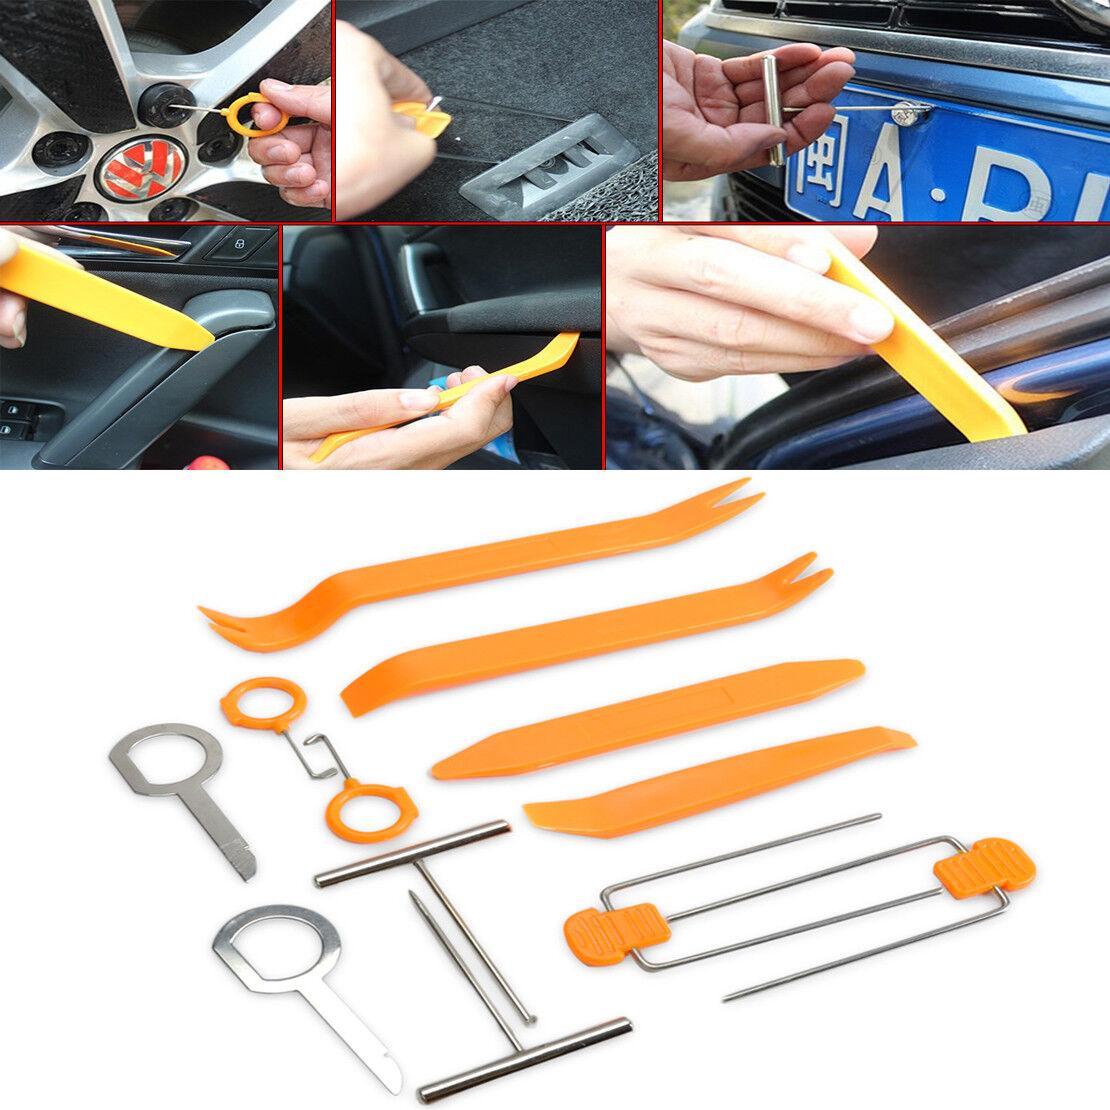 12x Plastic Car Radio Door Clip Panel Trim Dash Audio Pry Removal Tools Kit lip